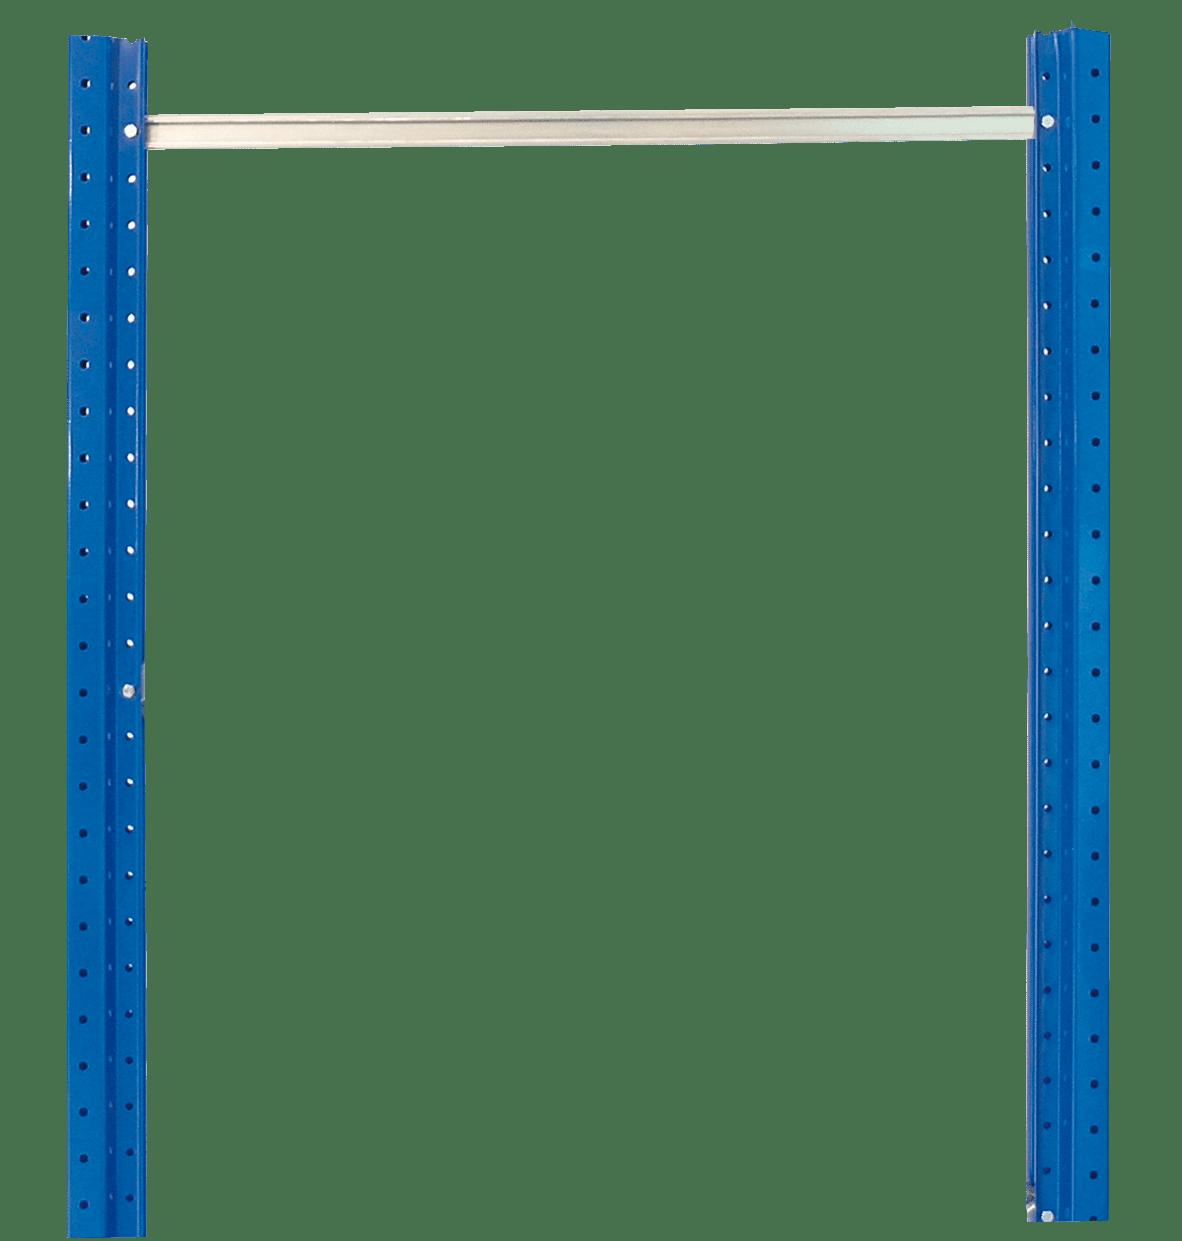 Horizontale CZ36,D8,5,1052 mm